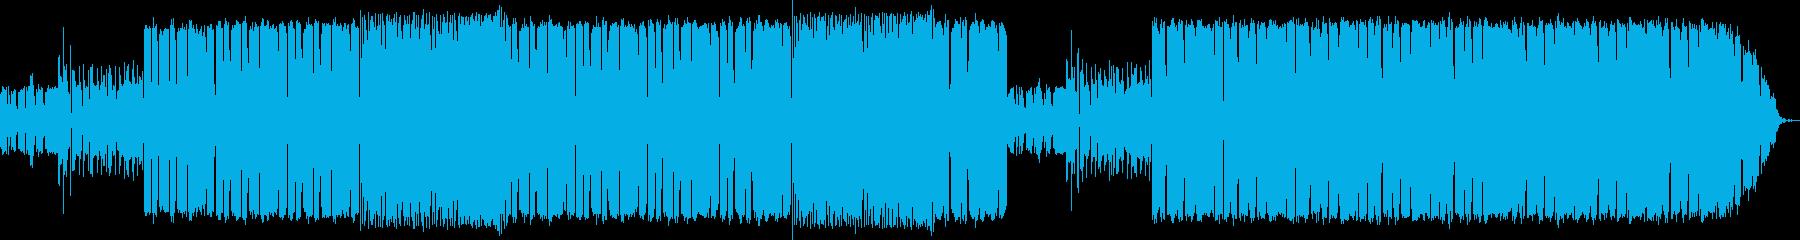 軽快なリズムと綺麗なメロディーのバラードの再生済みの波形